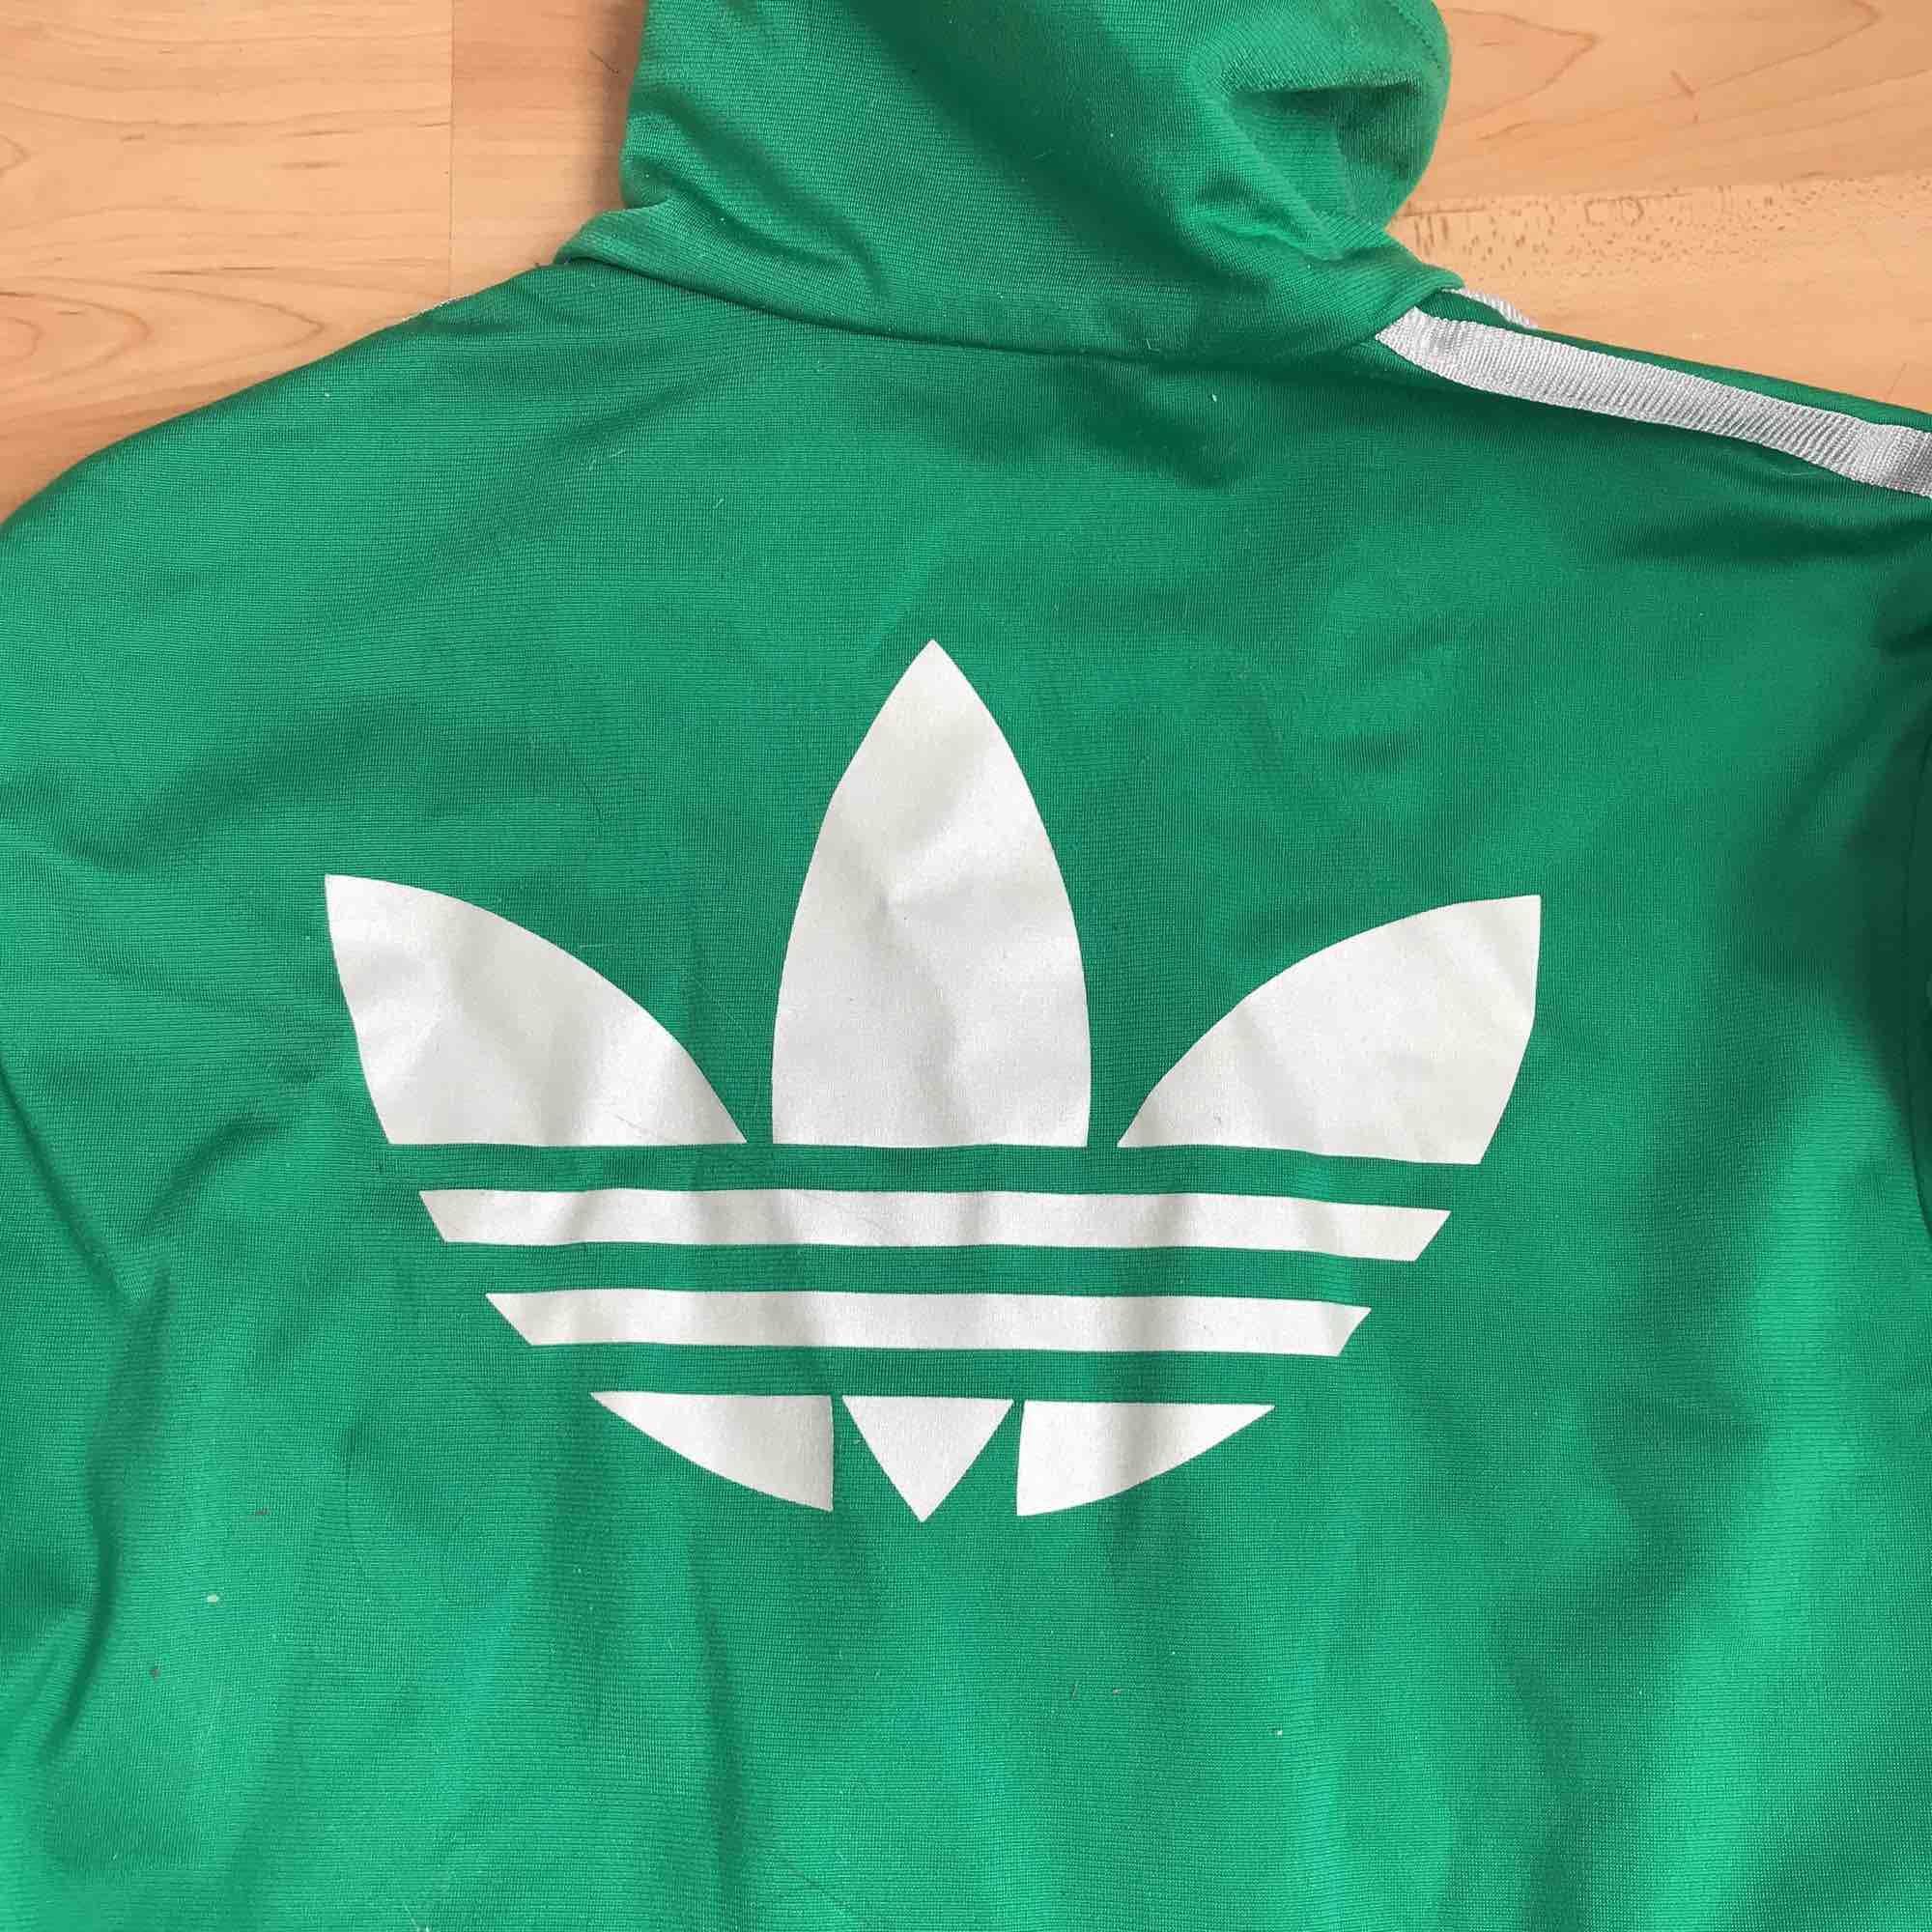 Adidas Zip-jacka. Äkta vara. Grön med silver/grå stripes. . Tröjor & Koftor.